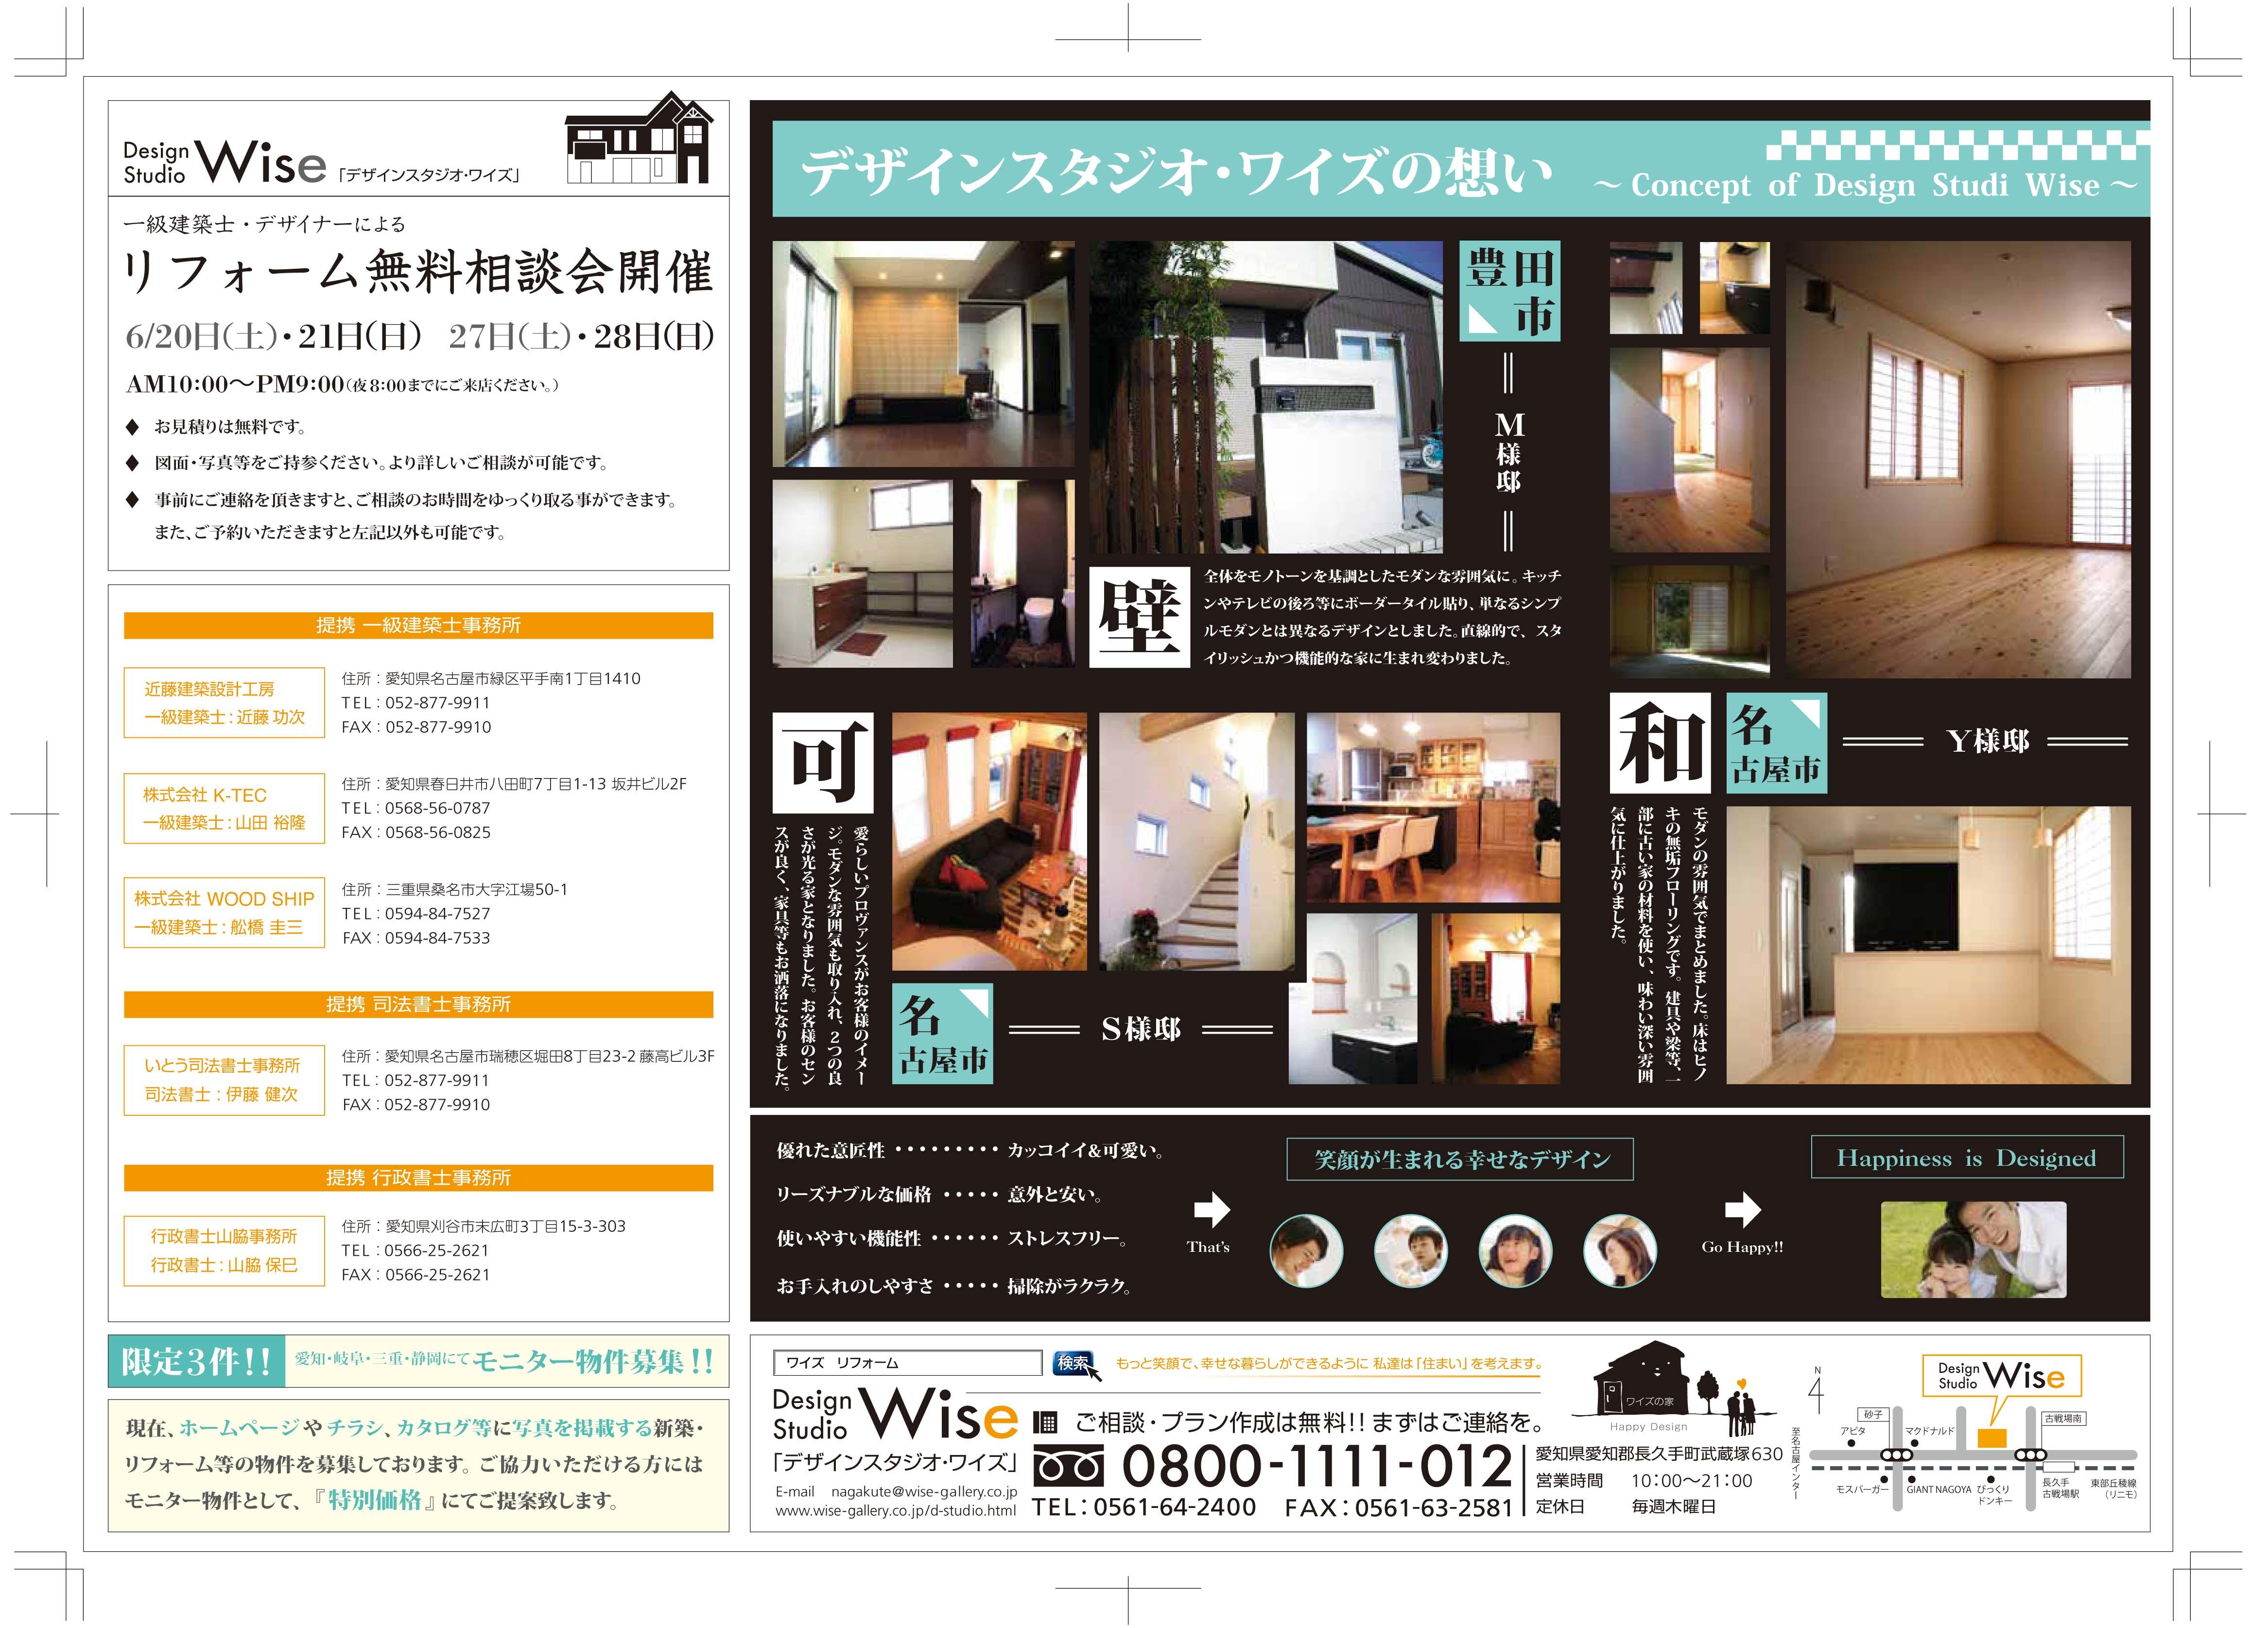 画像  住宅リフォーム会社のチラシデザイン 画像 まとめ( 参考